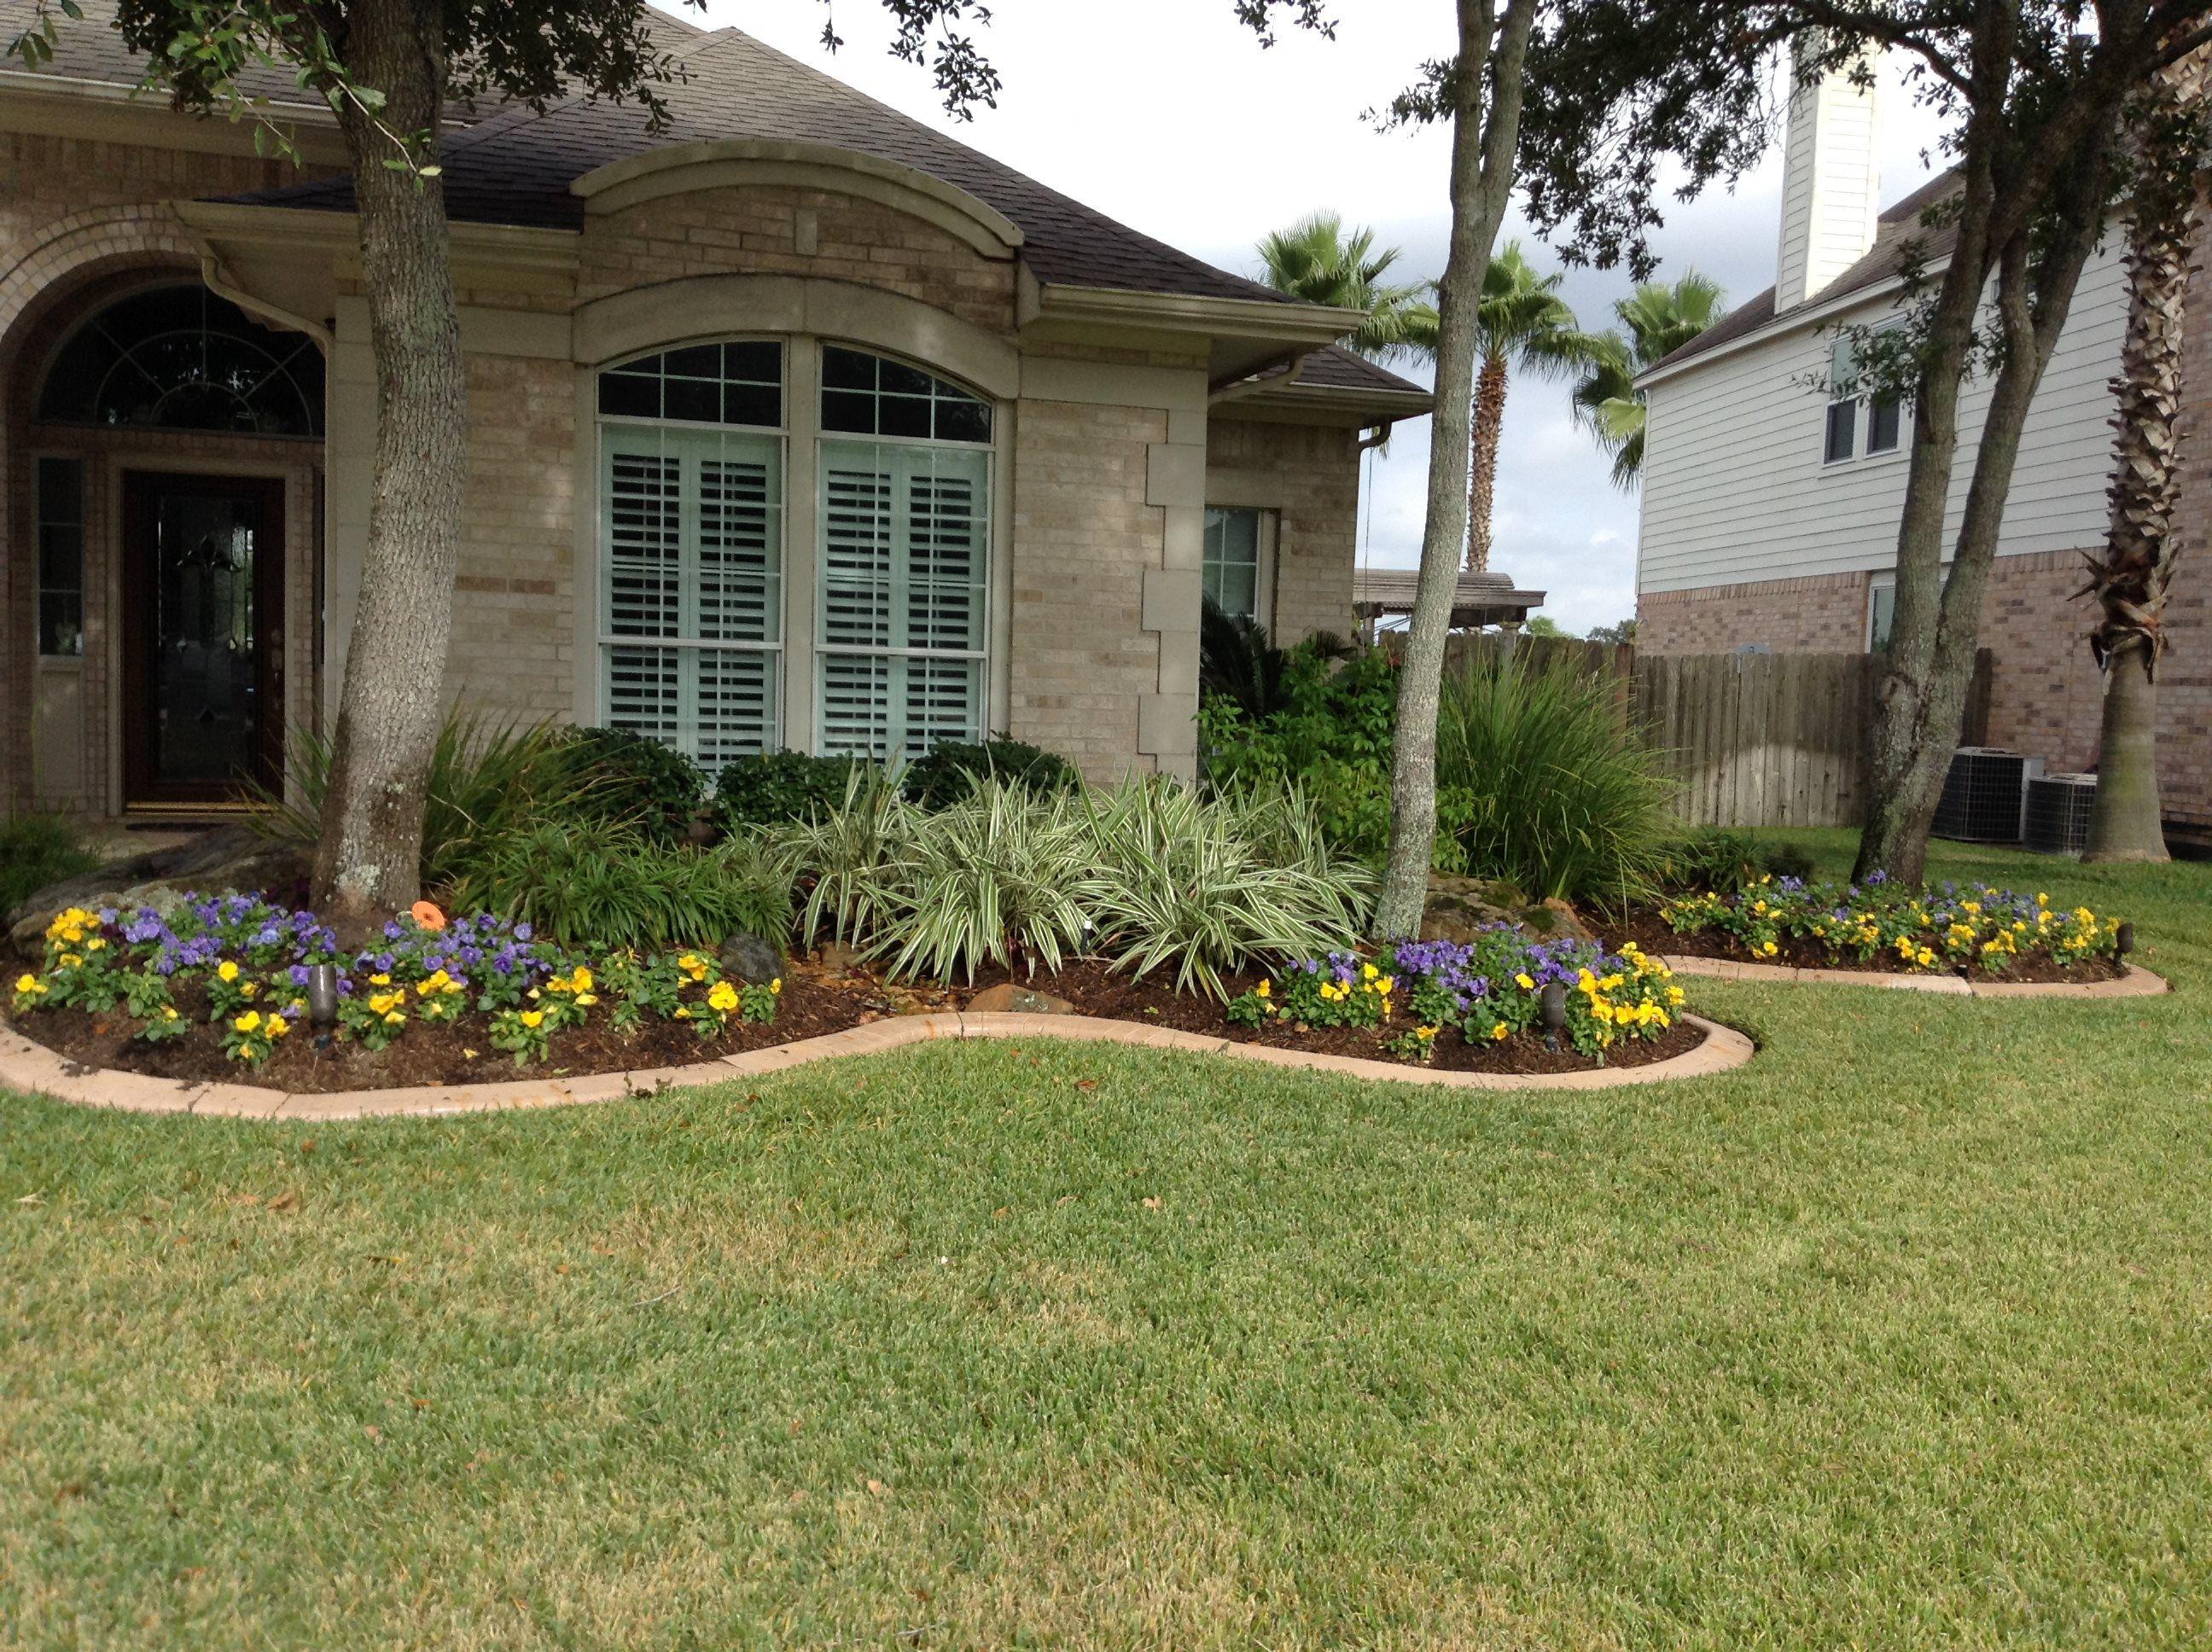 Mike Ball Irrigation Landscape U0026 Lighting - 16034 Highlander Dr Houston TX | N49.com